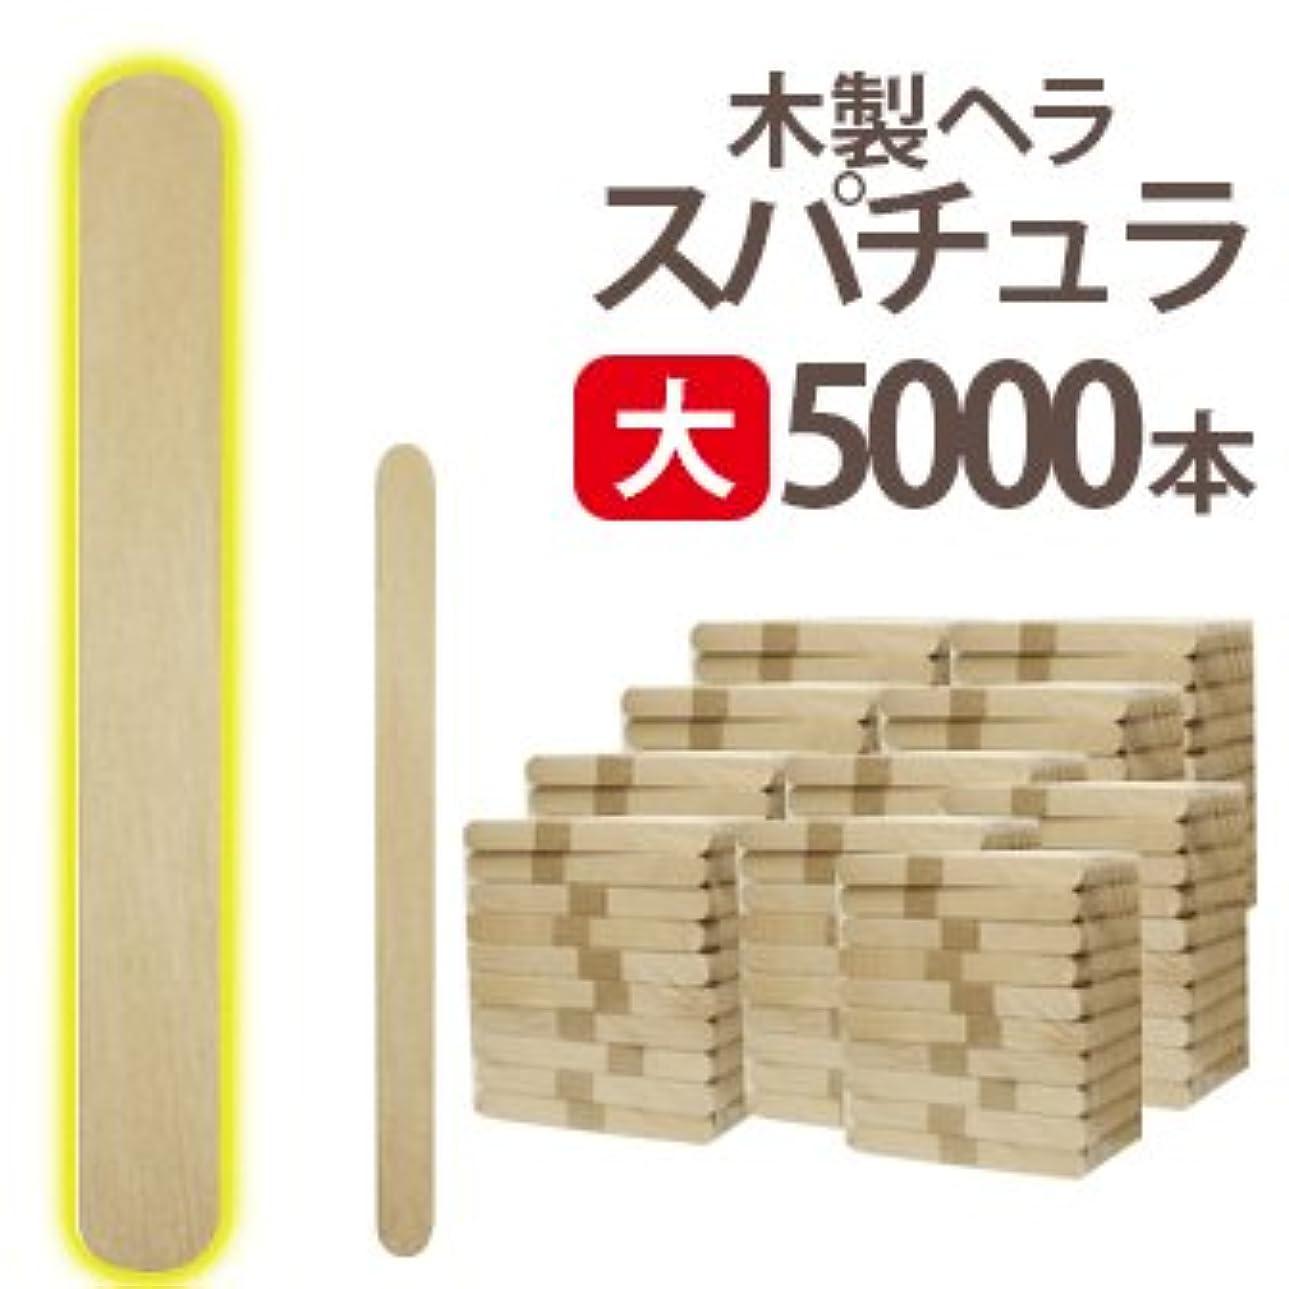 支給光沢のある結晶大 ブラジリアンワックス 業務用5000本 スパチュラ Aタイプ(個別梱包なし 150×16)